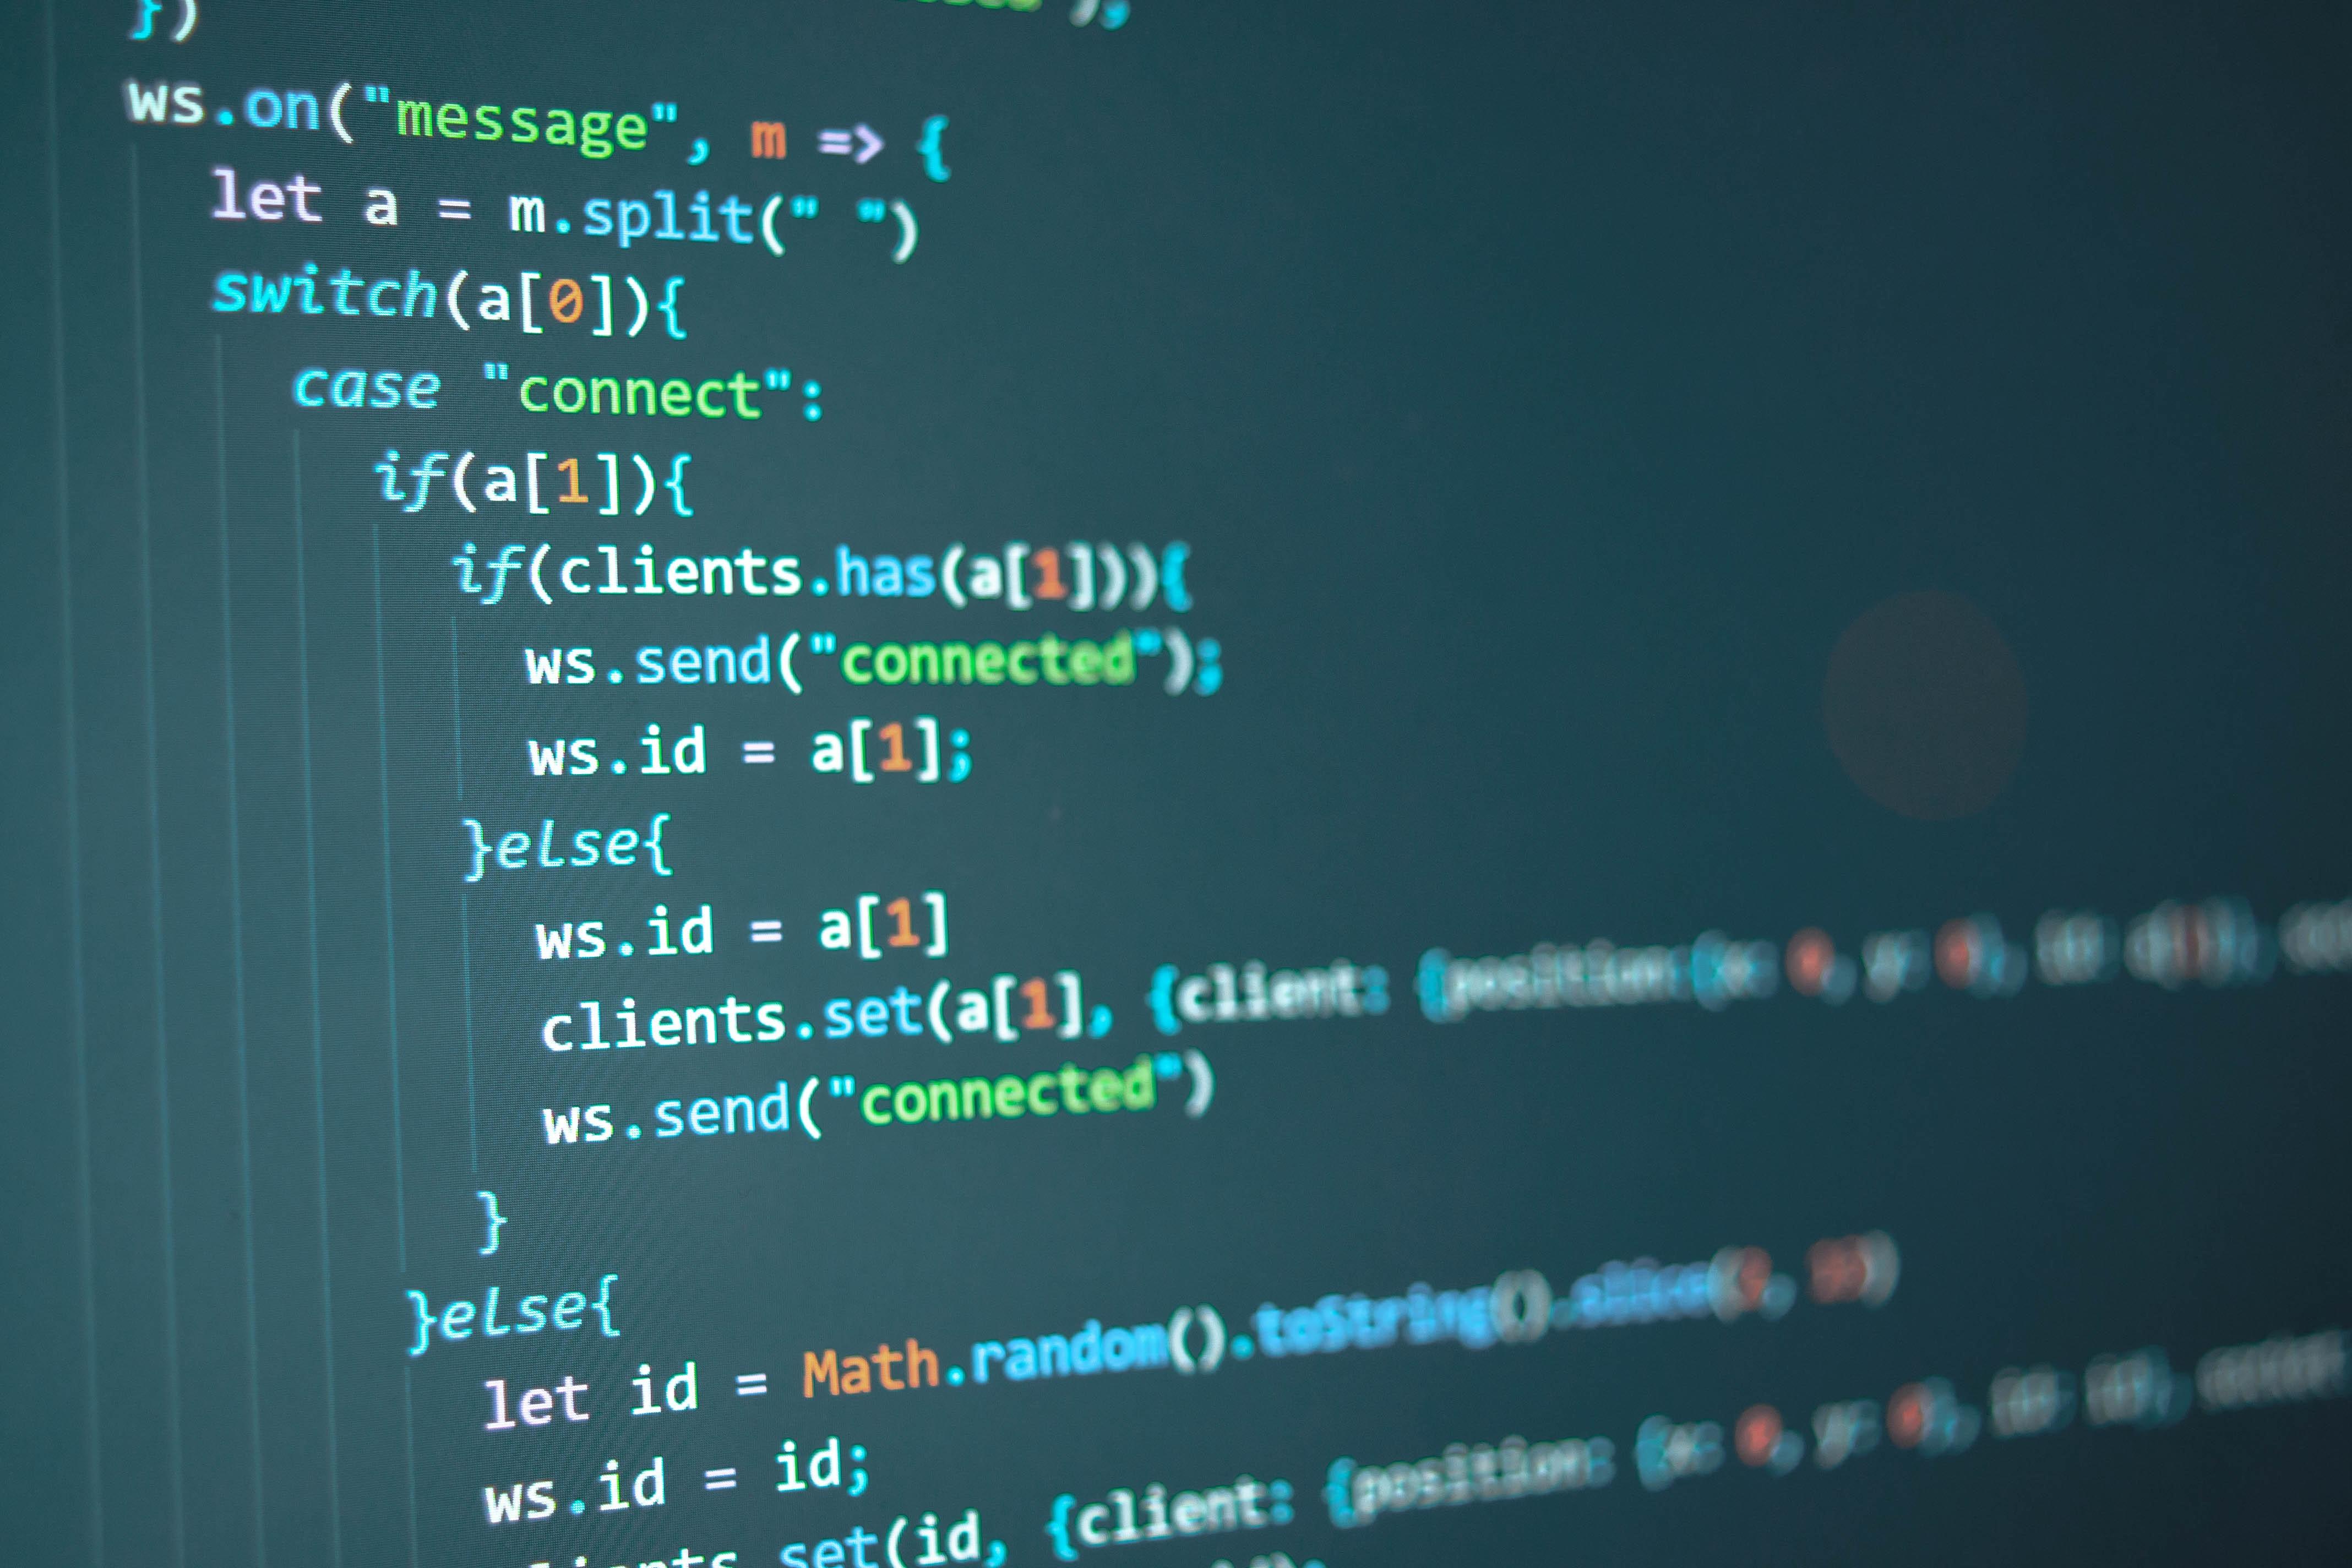 descubre las fases de desarrollo de software a medida